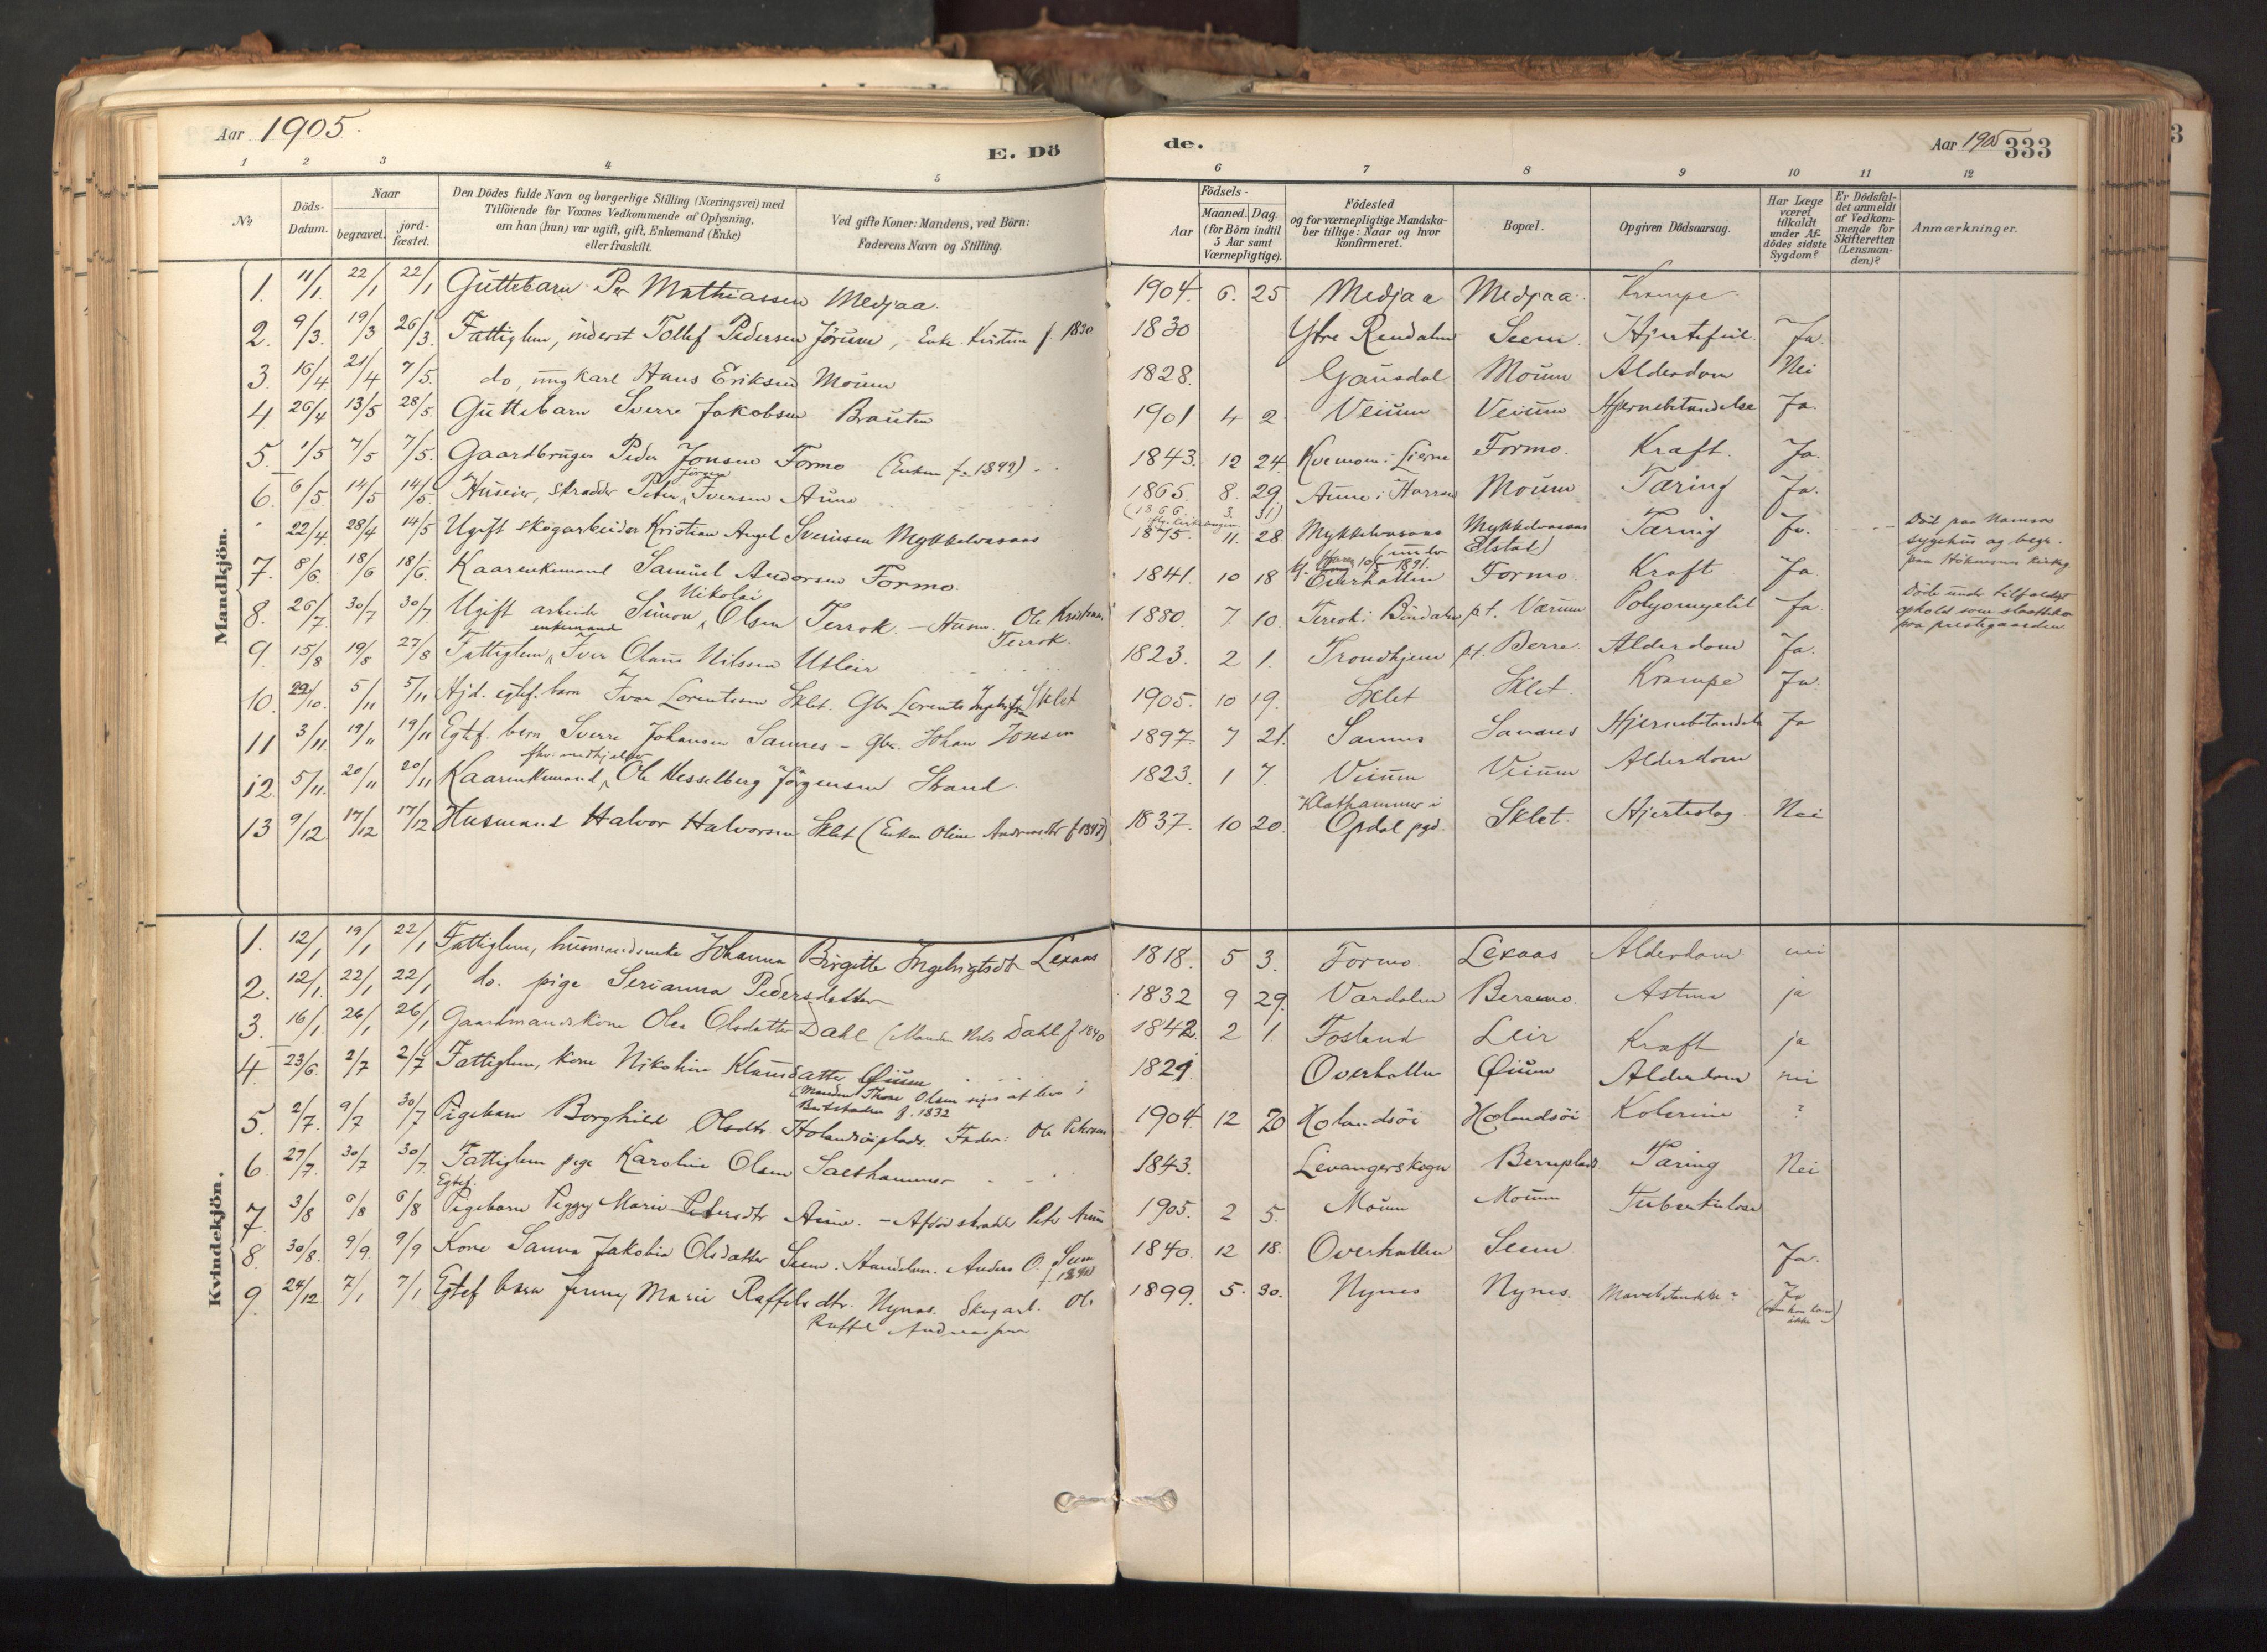 SAT, Ministerialprotokoller, klokkerbøker og fødselsregistre - Nord-Trøndelag, 758/L0519: Ministerialbok nr. 758A04, 1880-1926, s. 333